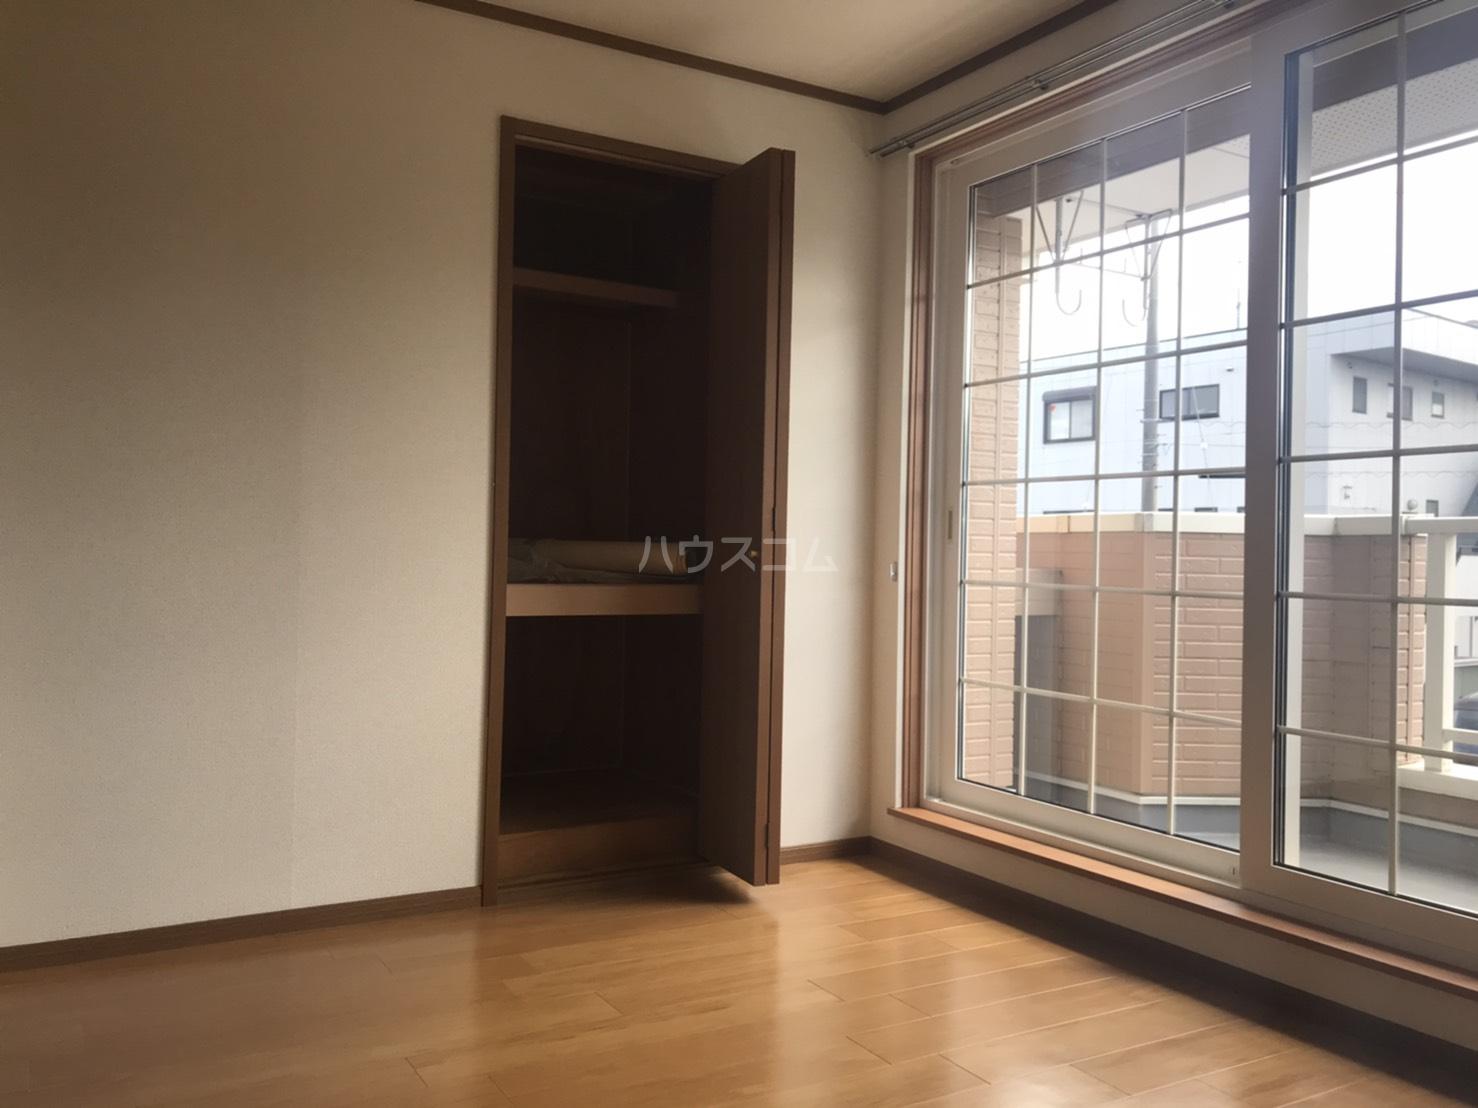 アビタシオン郷前 201号室の居室